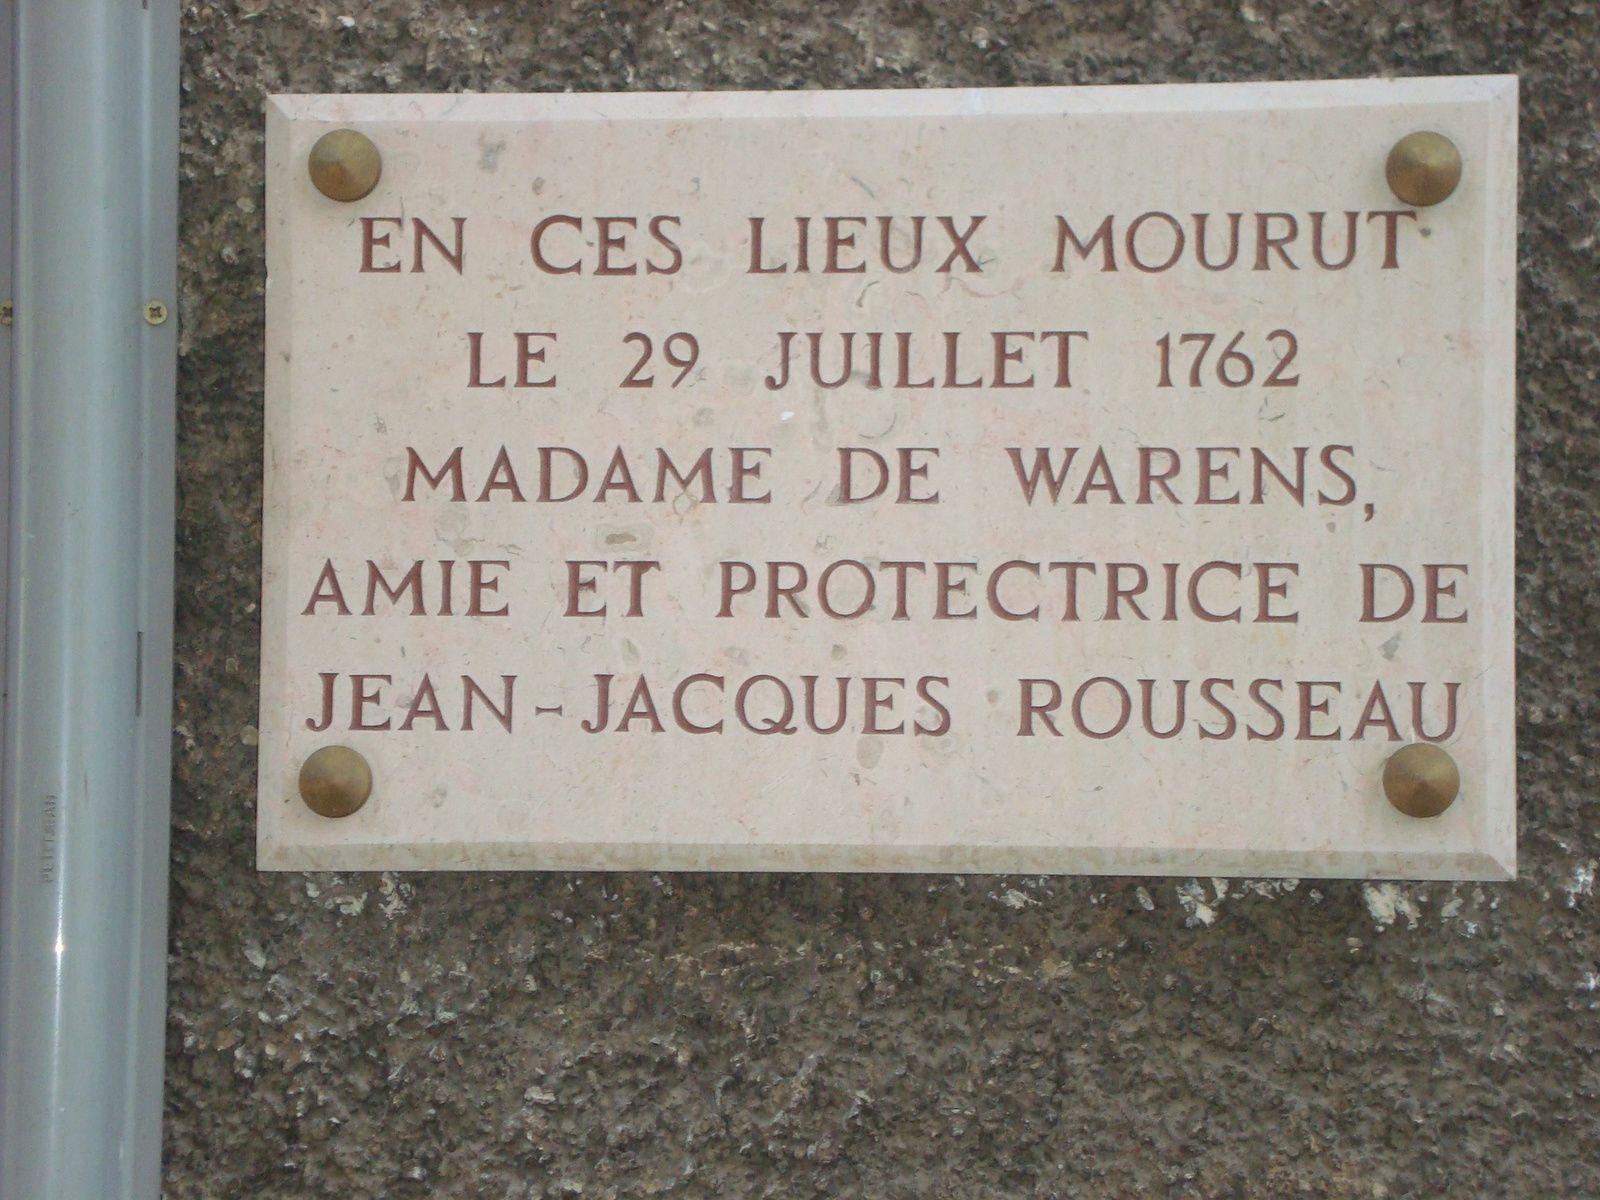 Jean-jacques Rousseau et 3 inscriptions consacrées à Madame de Warens, photos J.D. mars 2017